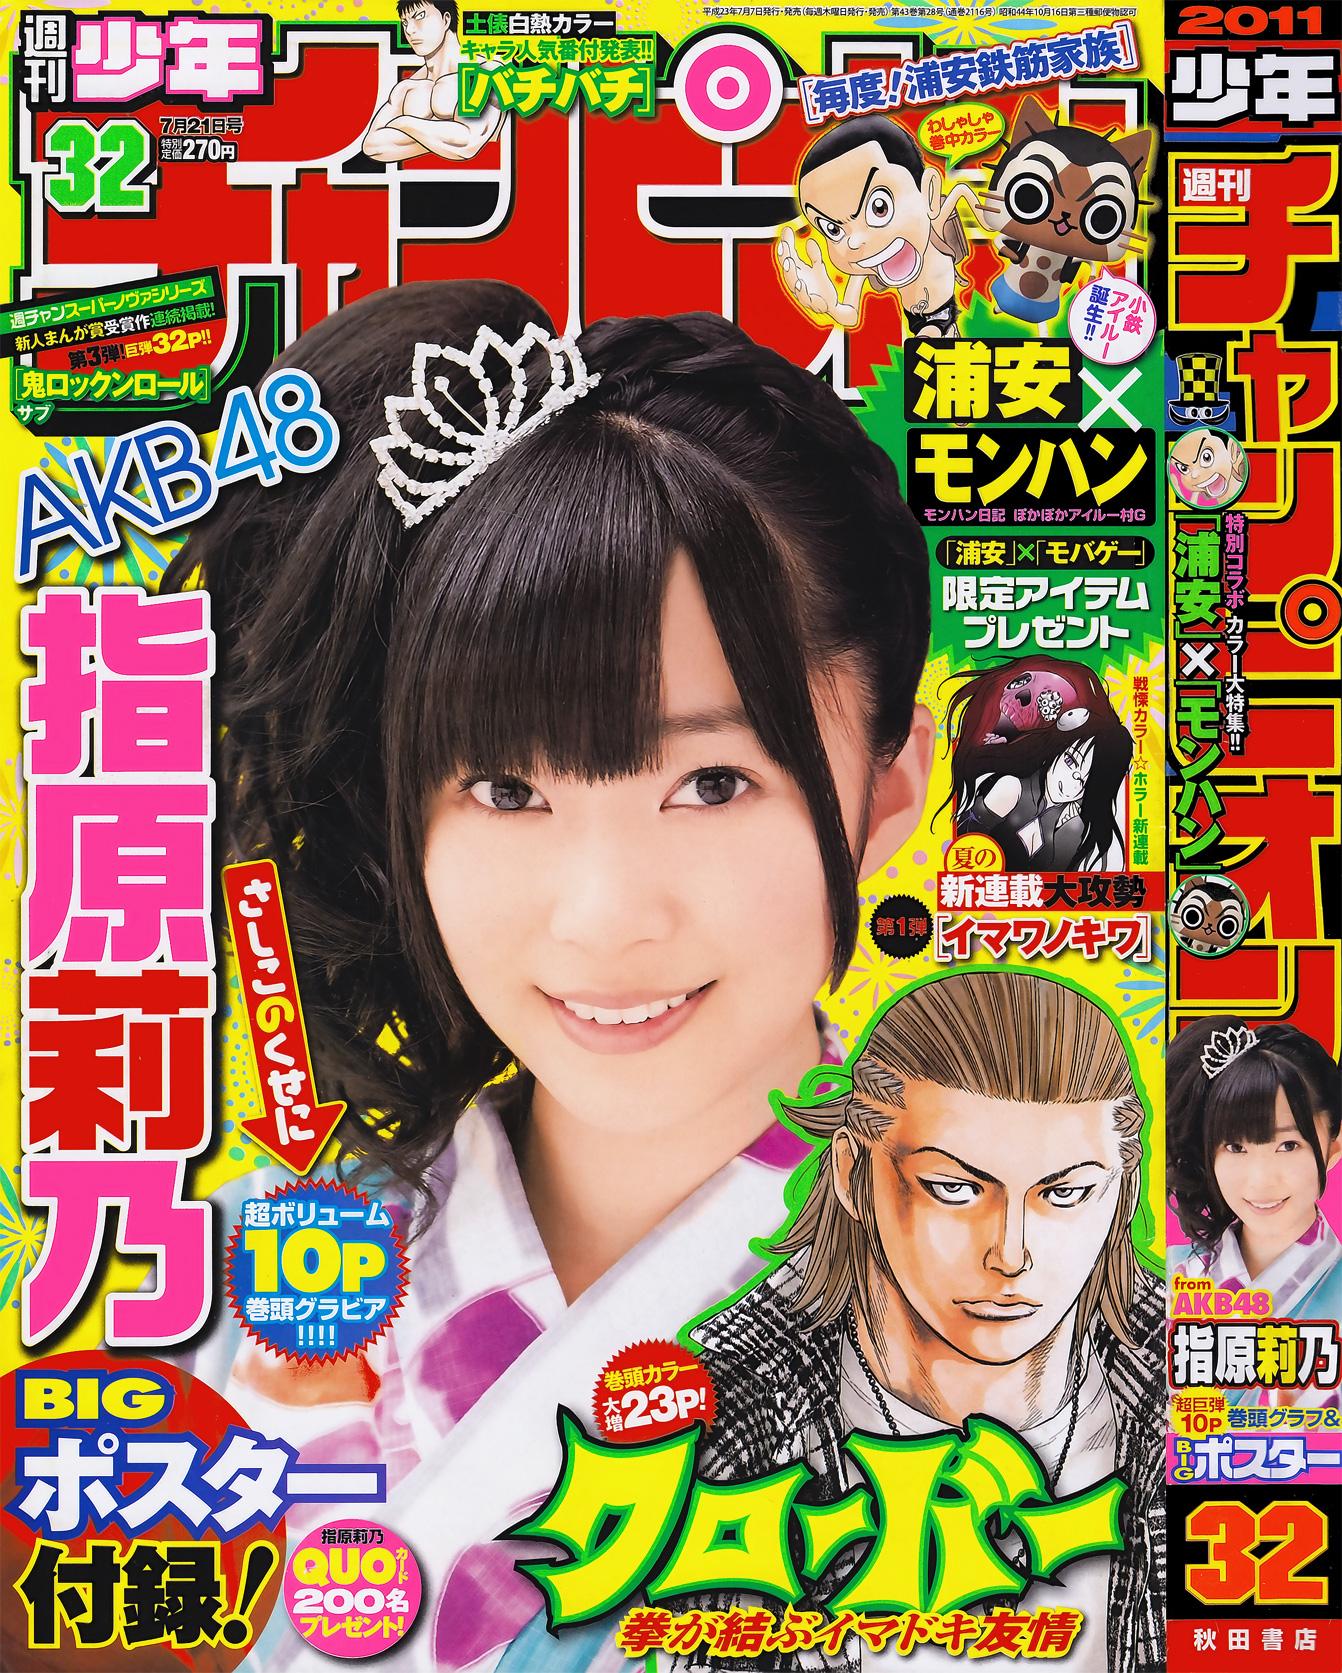 sc-2011-no-32-01-jpg [Shonen Champion] 2011 No.32 Rino Sashihara 指原莉乃 [11P9MB]